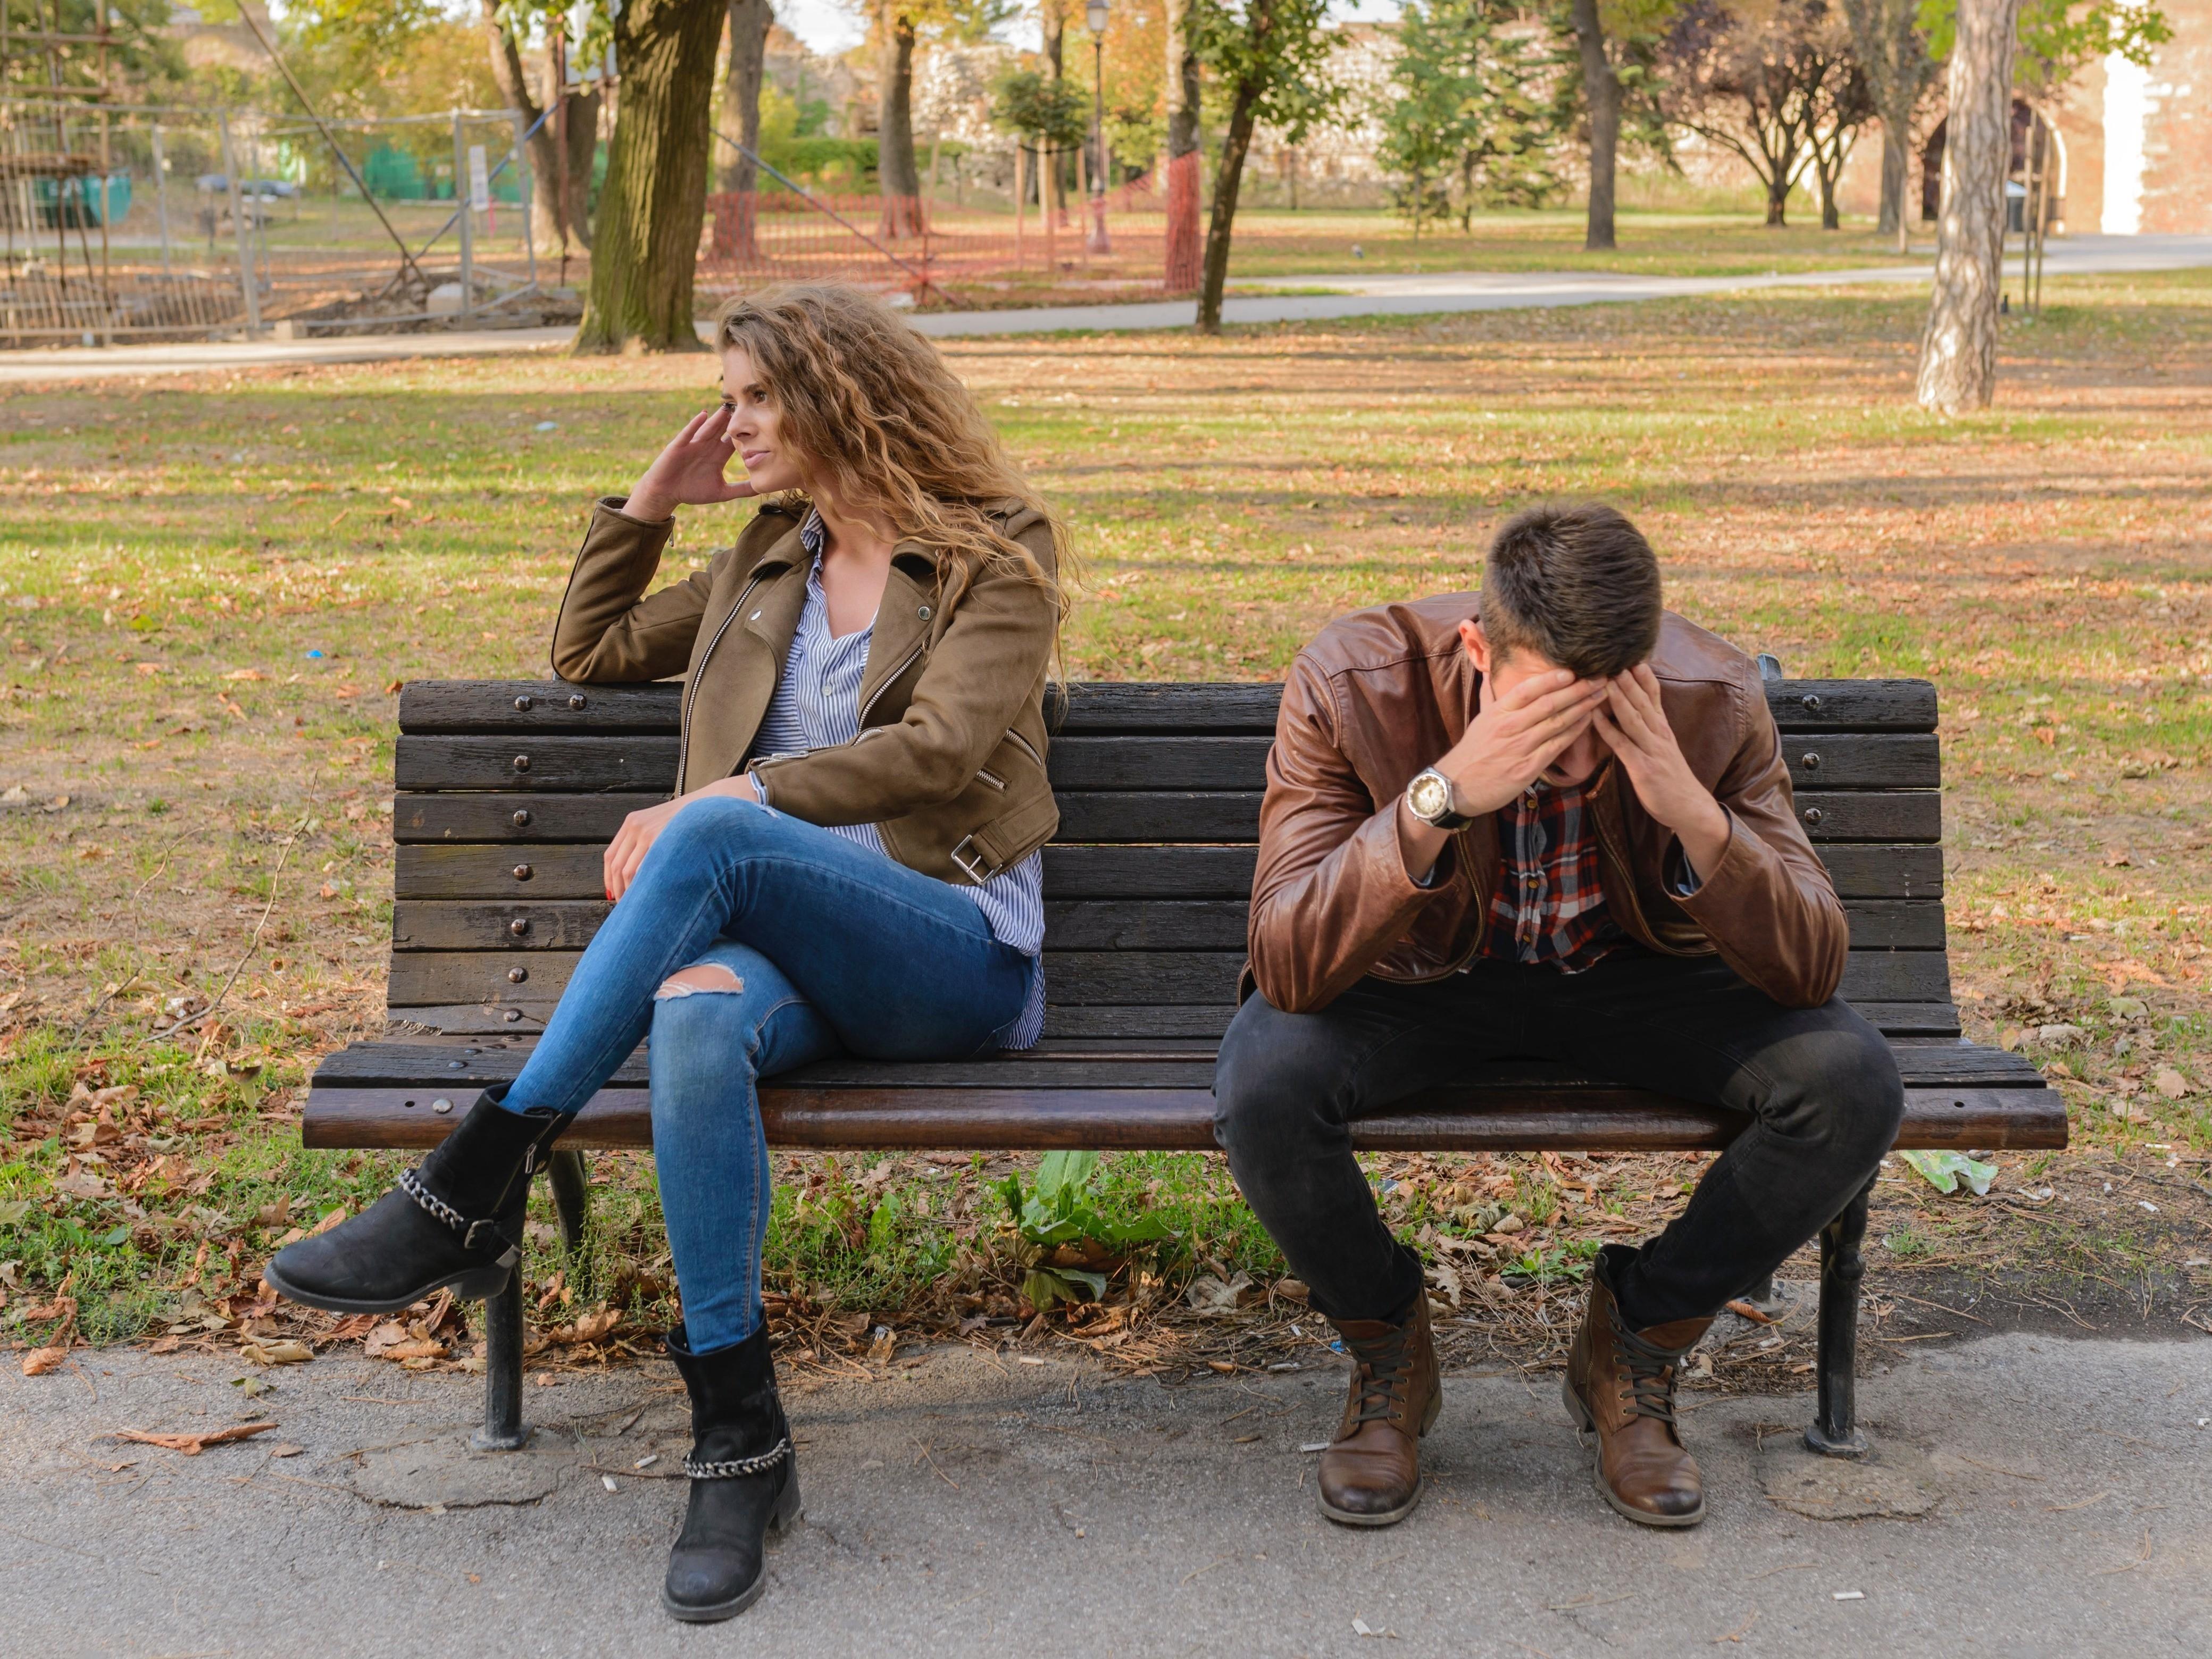 ▲情侶吵架千萬別犯的5大禁忌。(圖/翻攝pexels)